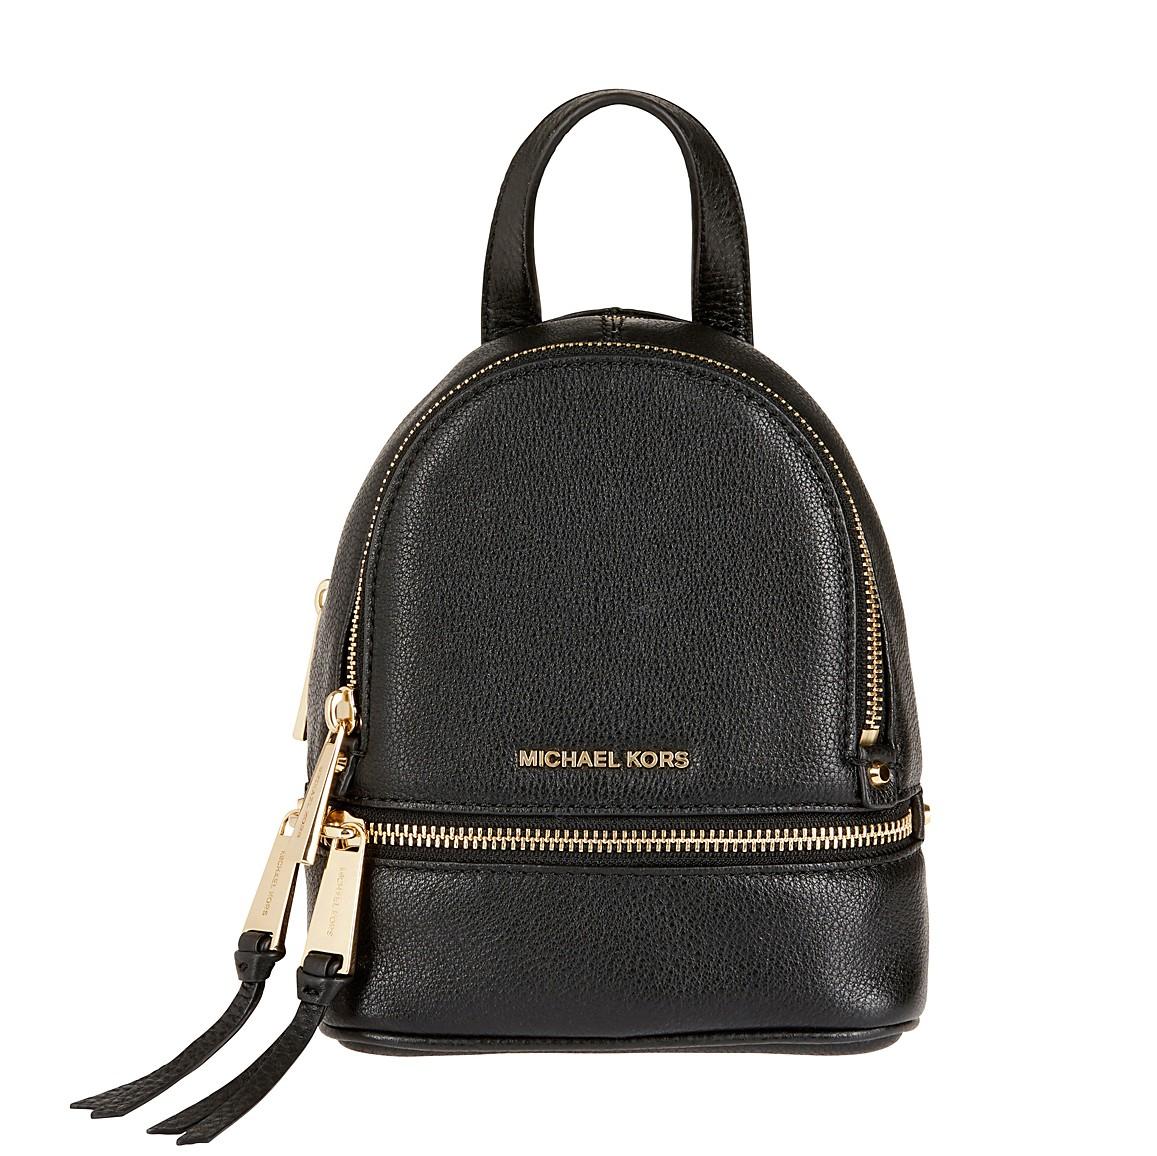 Michael Kors Rucksack - Rhea Zip Messenger Backpack Black - in schwarz - für Damen